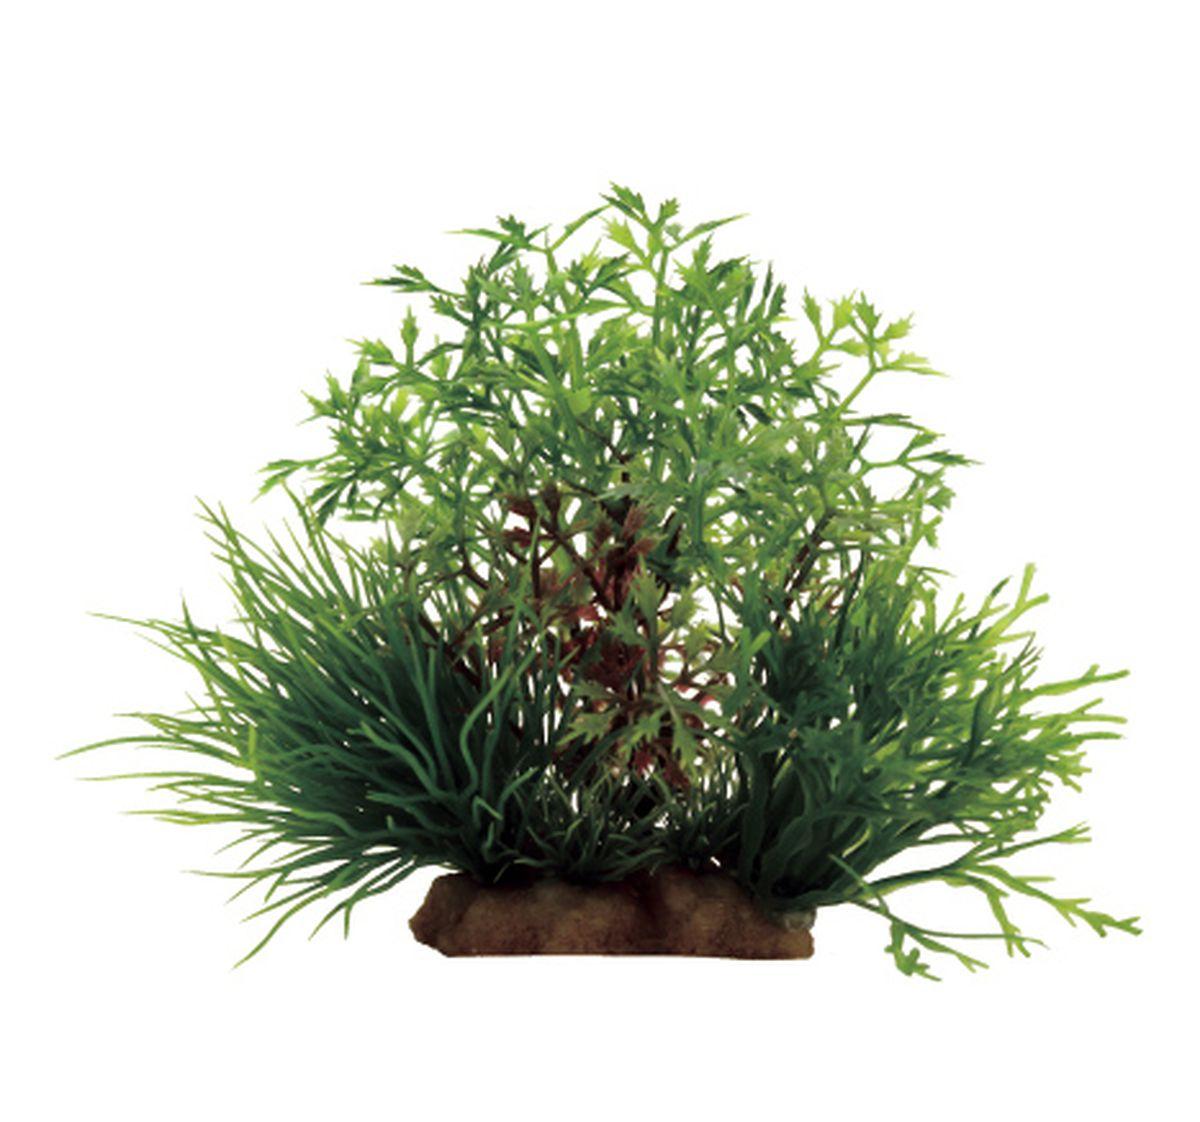 Композиция из растений для аквариума ArtUniq Перистолистник, 16 x 12 x 10 смART-1130905Композиция из растений для аквариума ArtUniq Перистолистник, 16 x 12 x 10 см